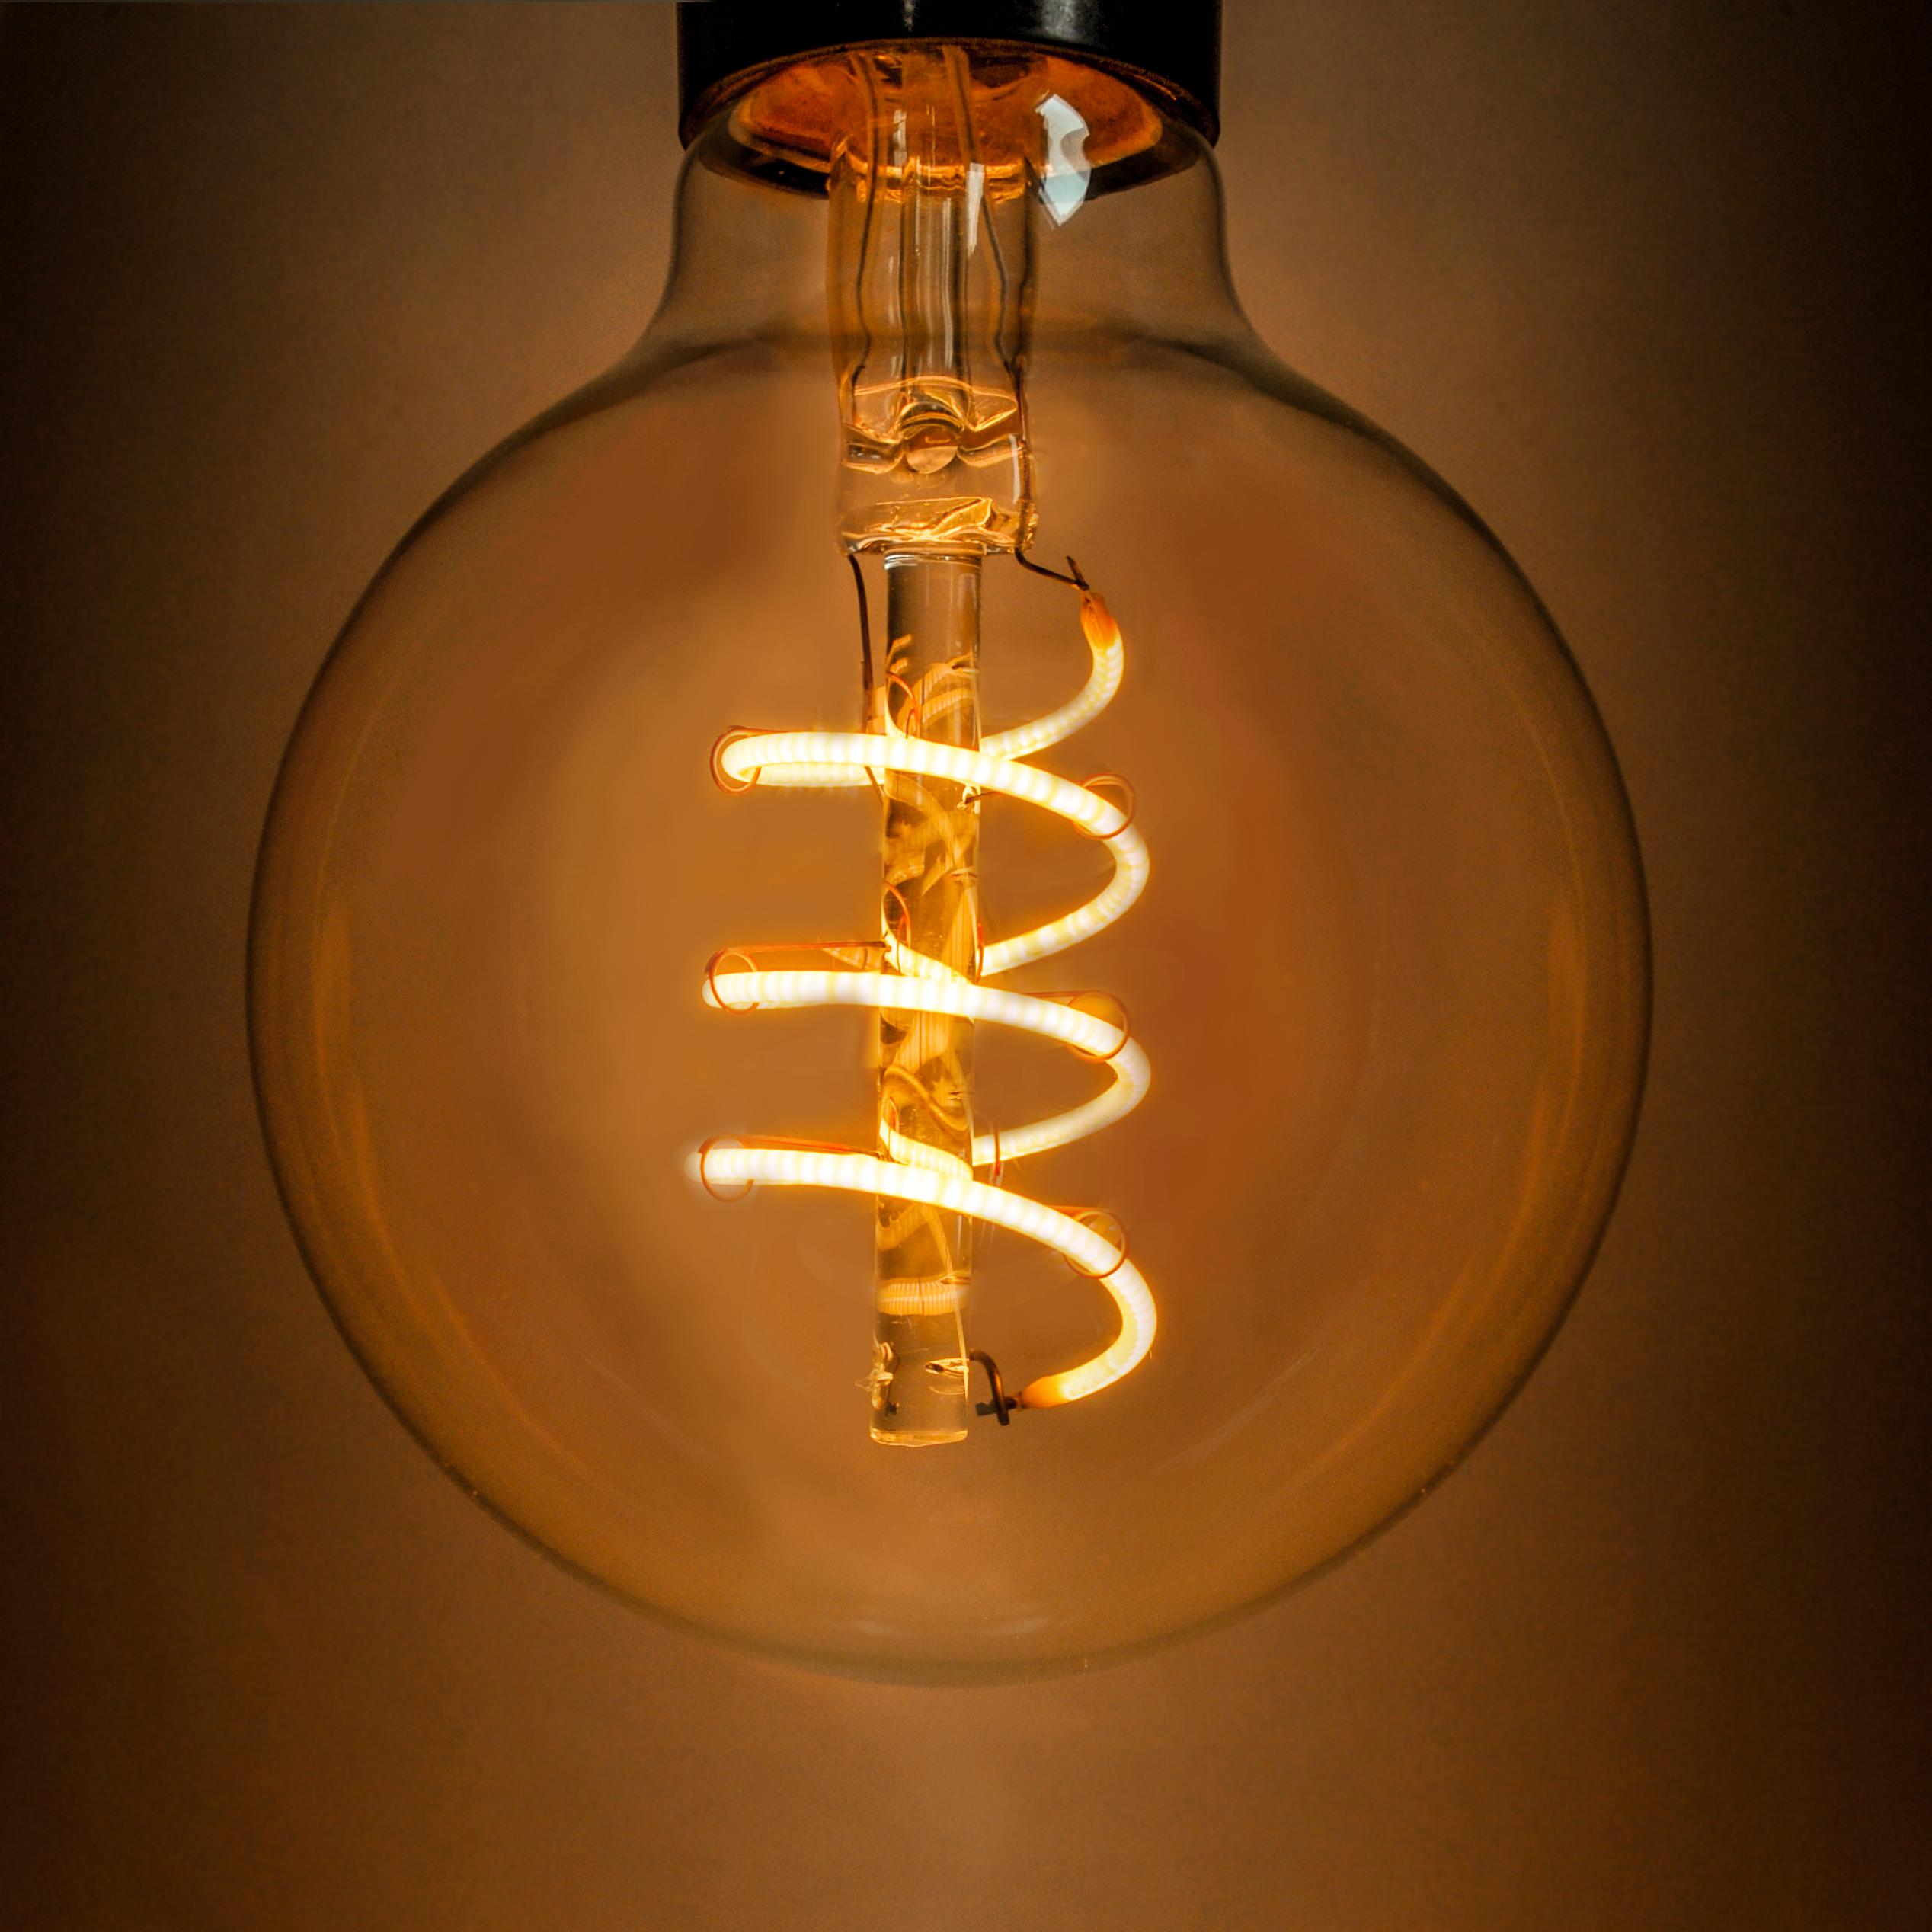 Pin On Led Edison Filament Light Bulbs